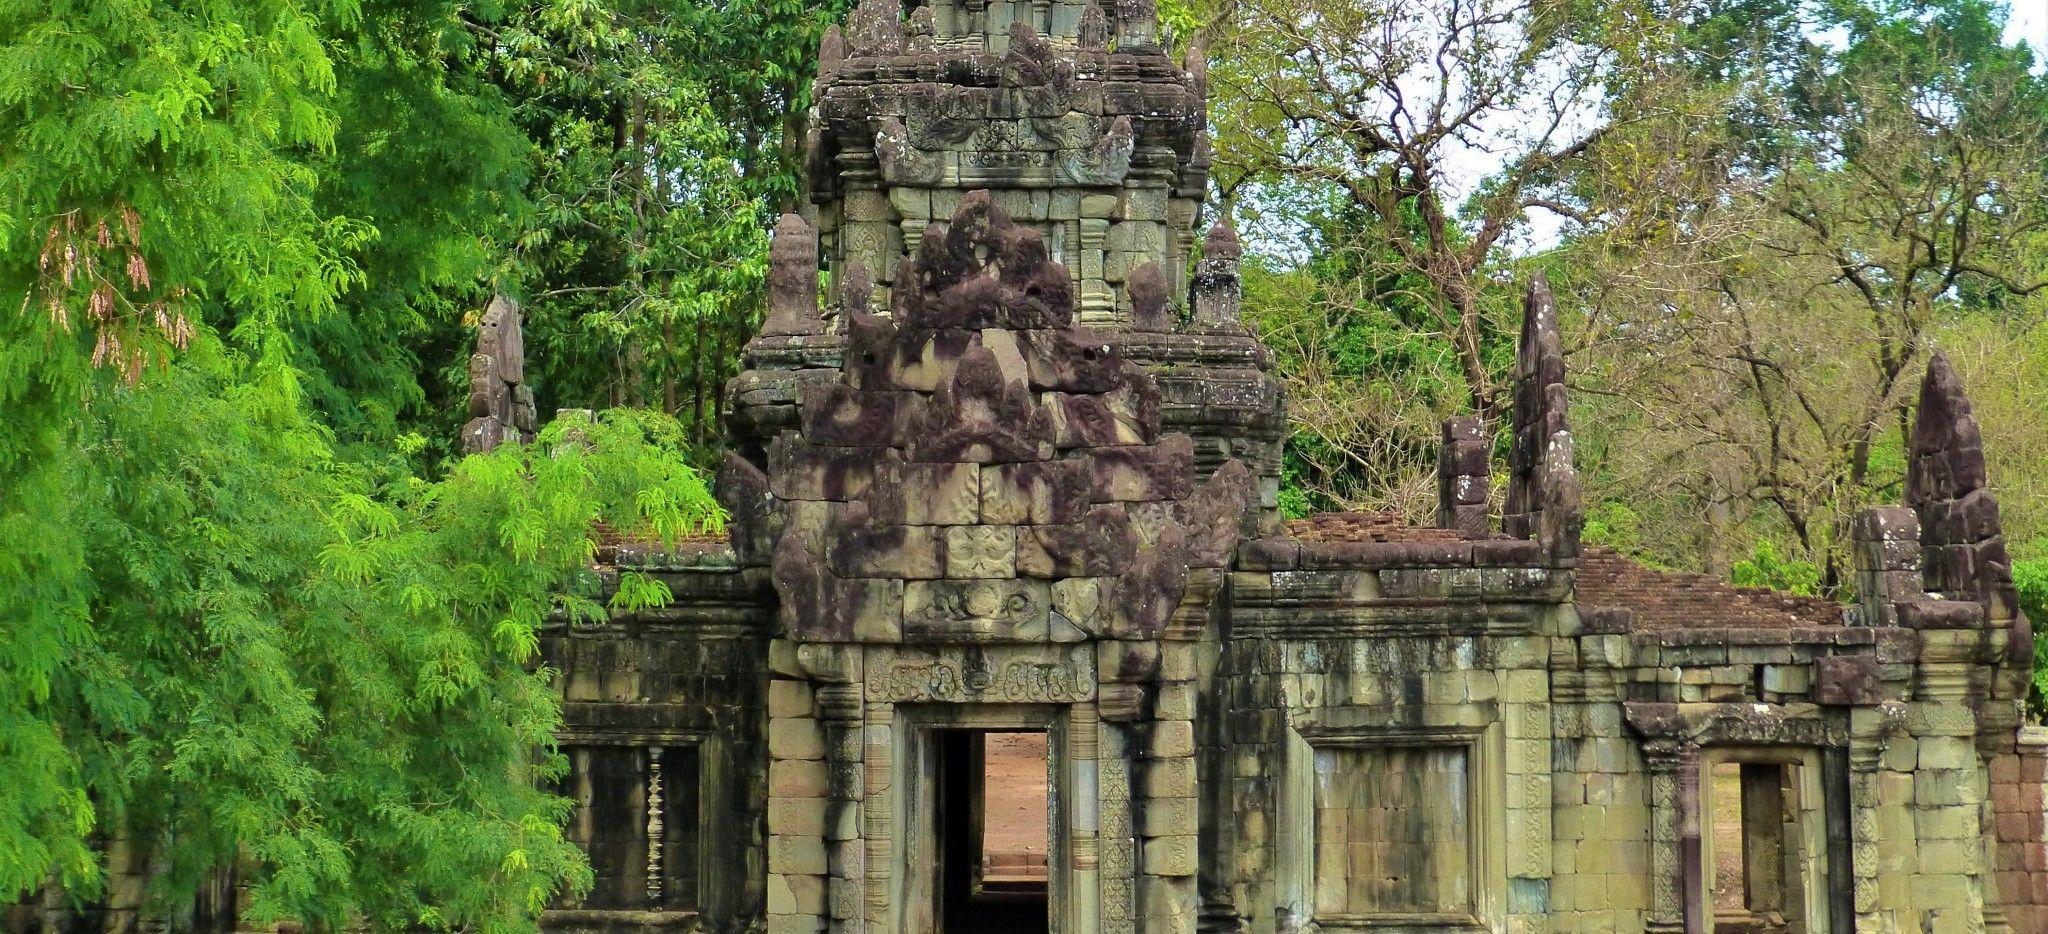 Die Ruine eines kombadschanischenTempels im Dschungel